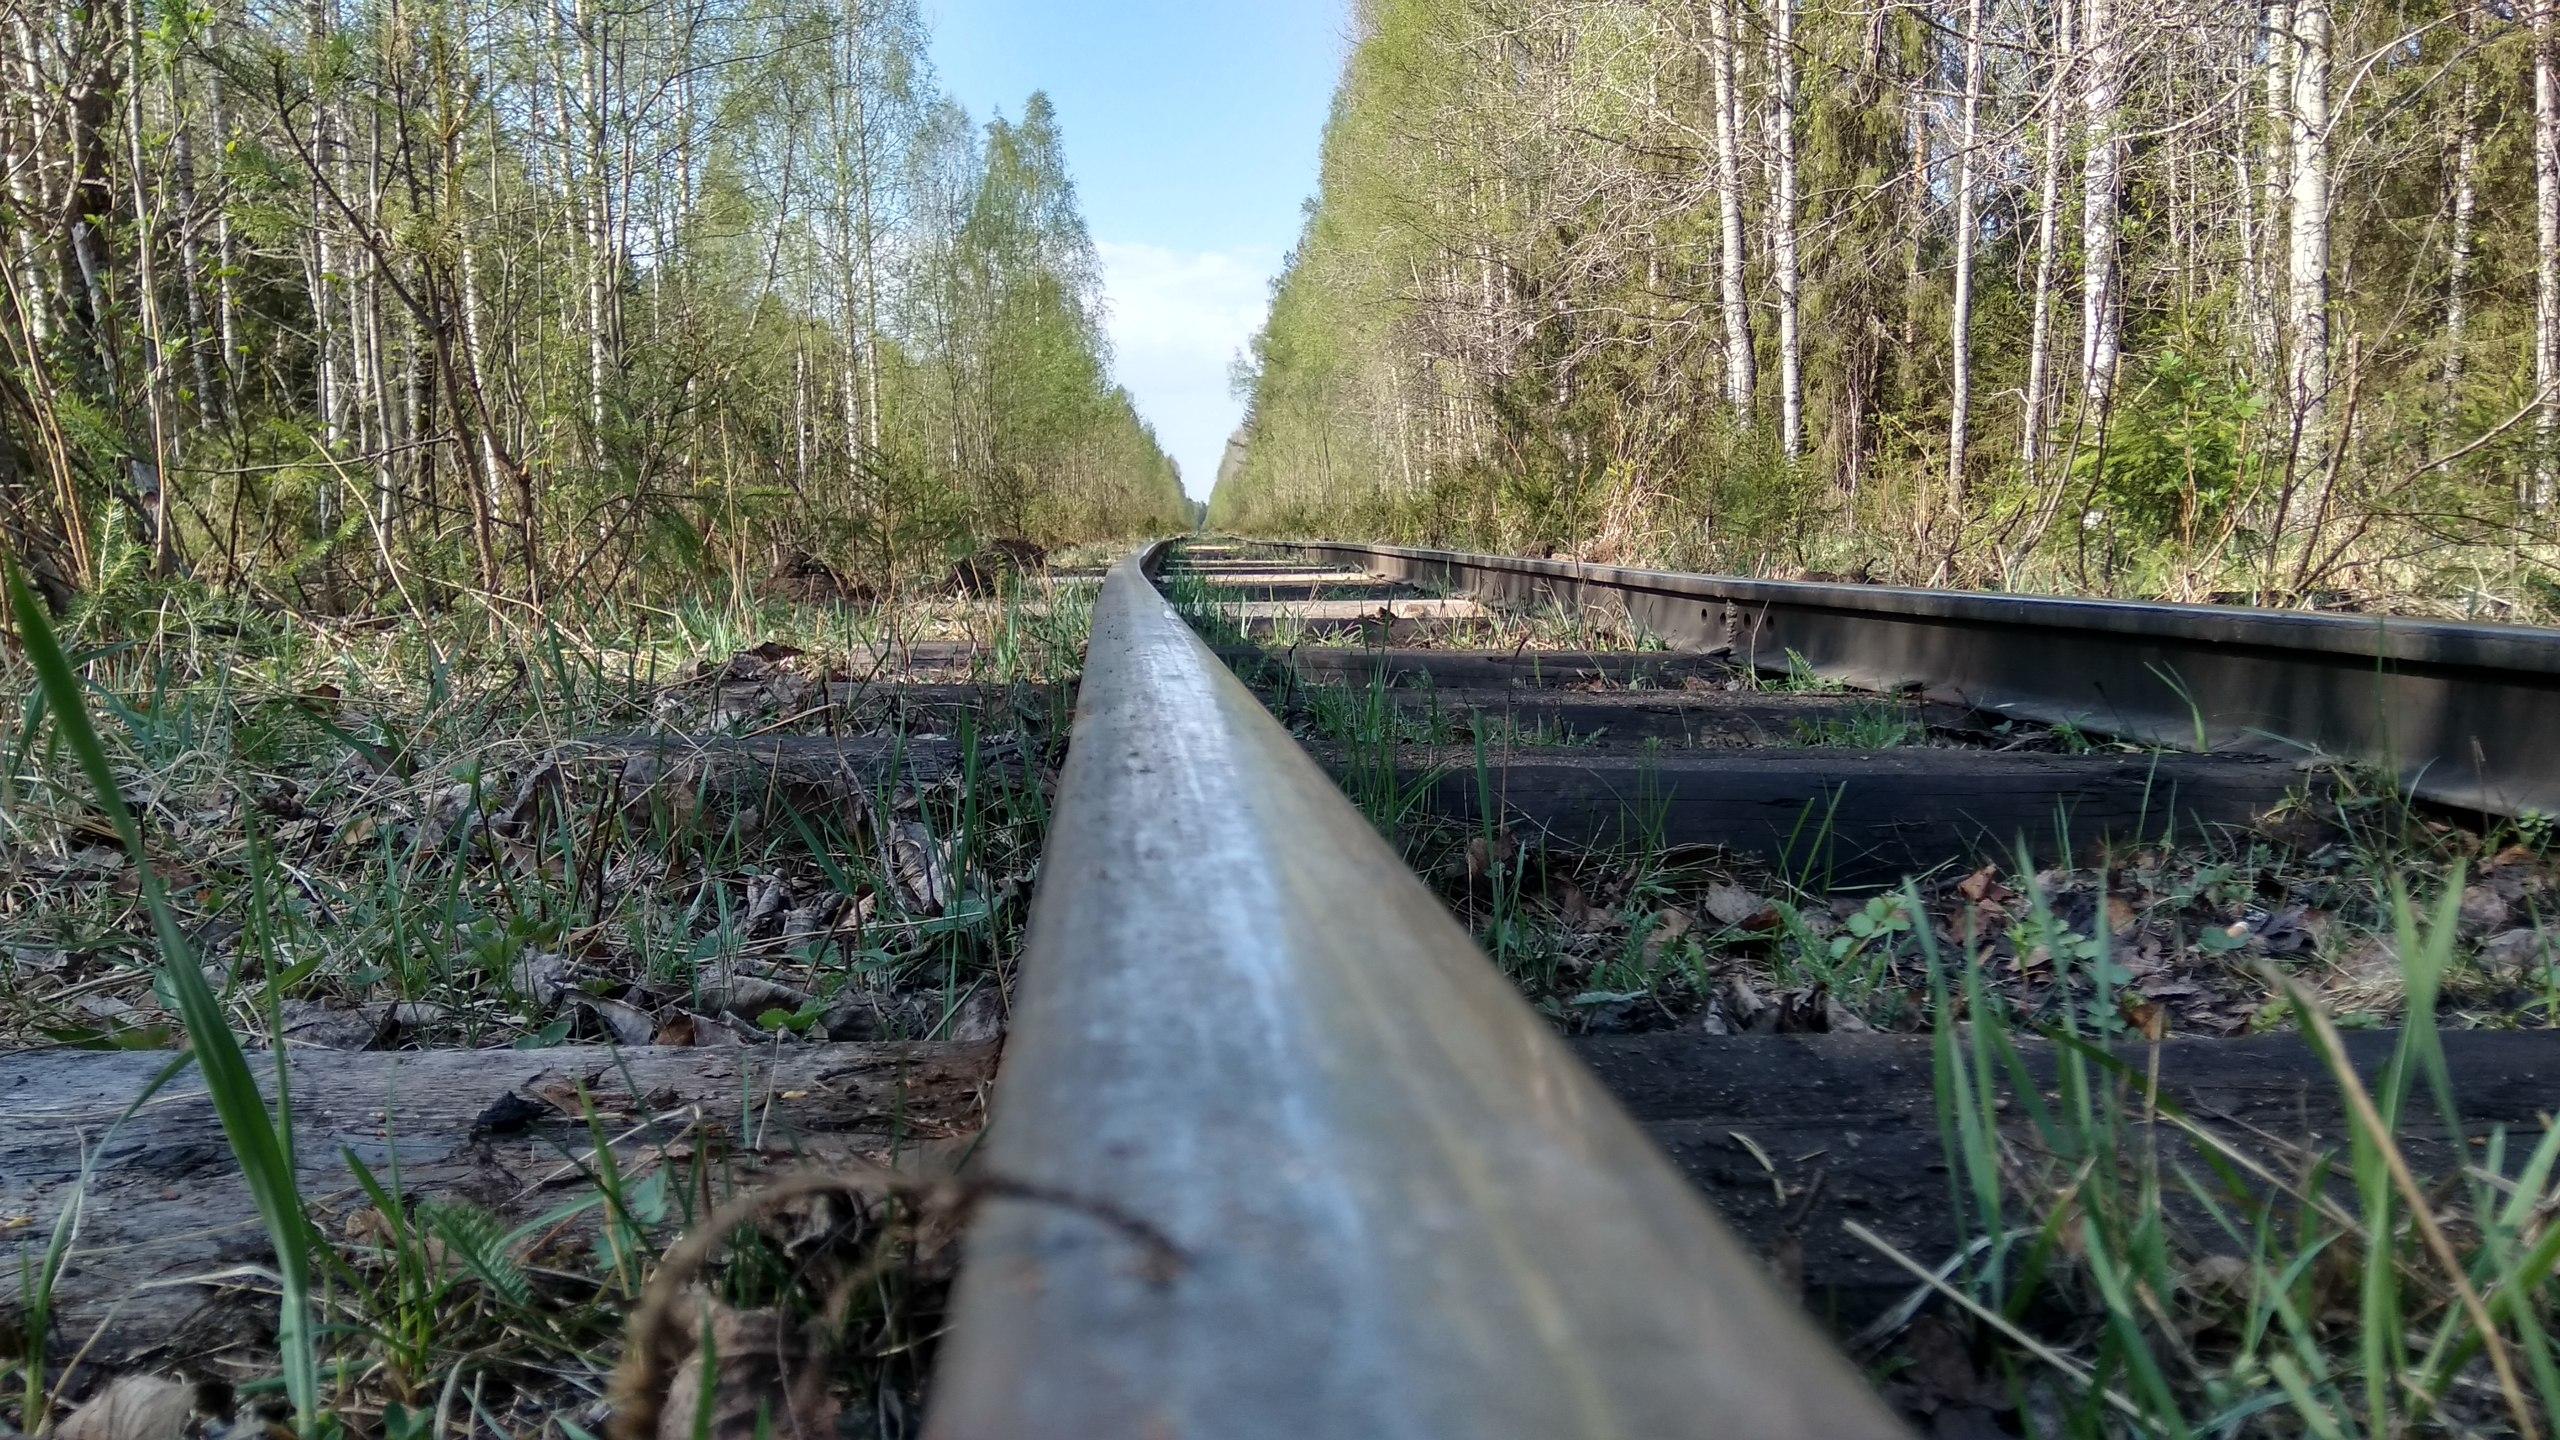 Природа нашего края (ФОТО) | Вологодский край